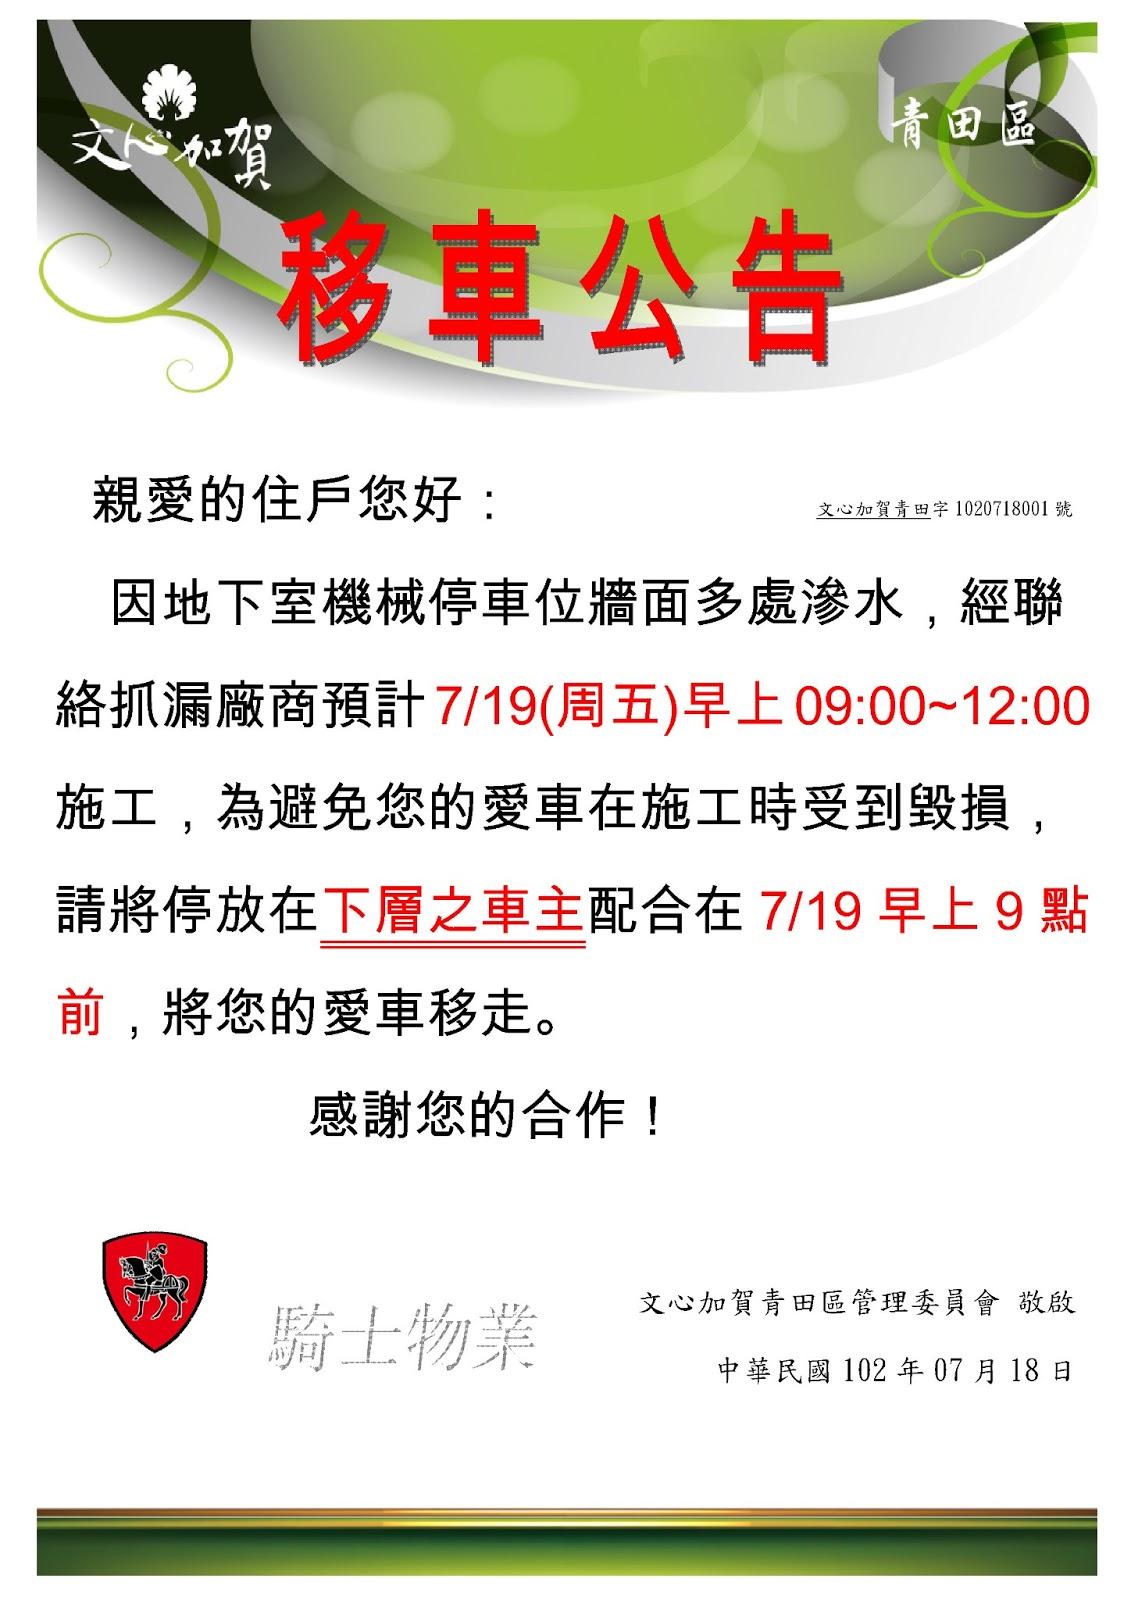 文心加賀青田區 管理委員會/ Community Comittee: 移車通知